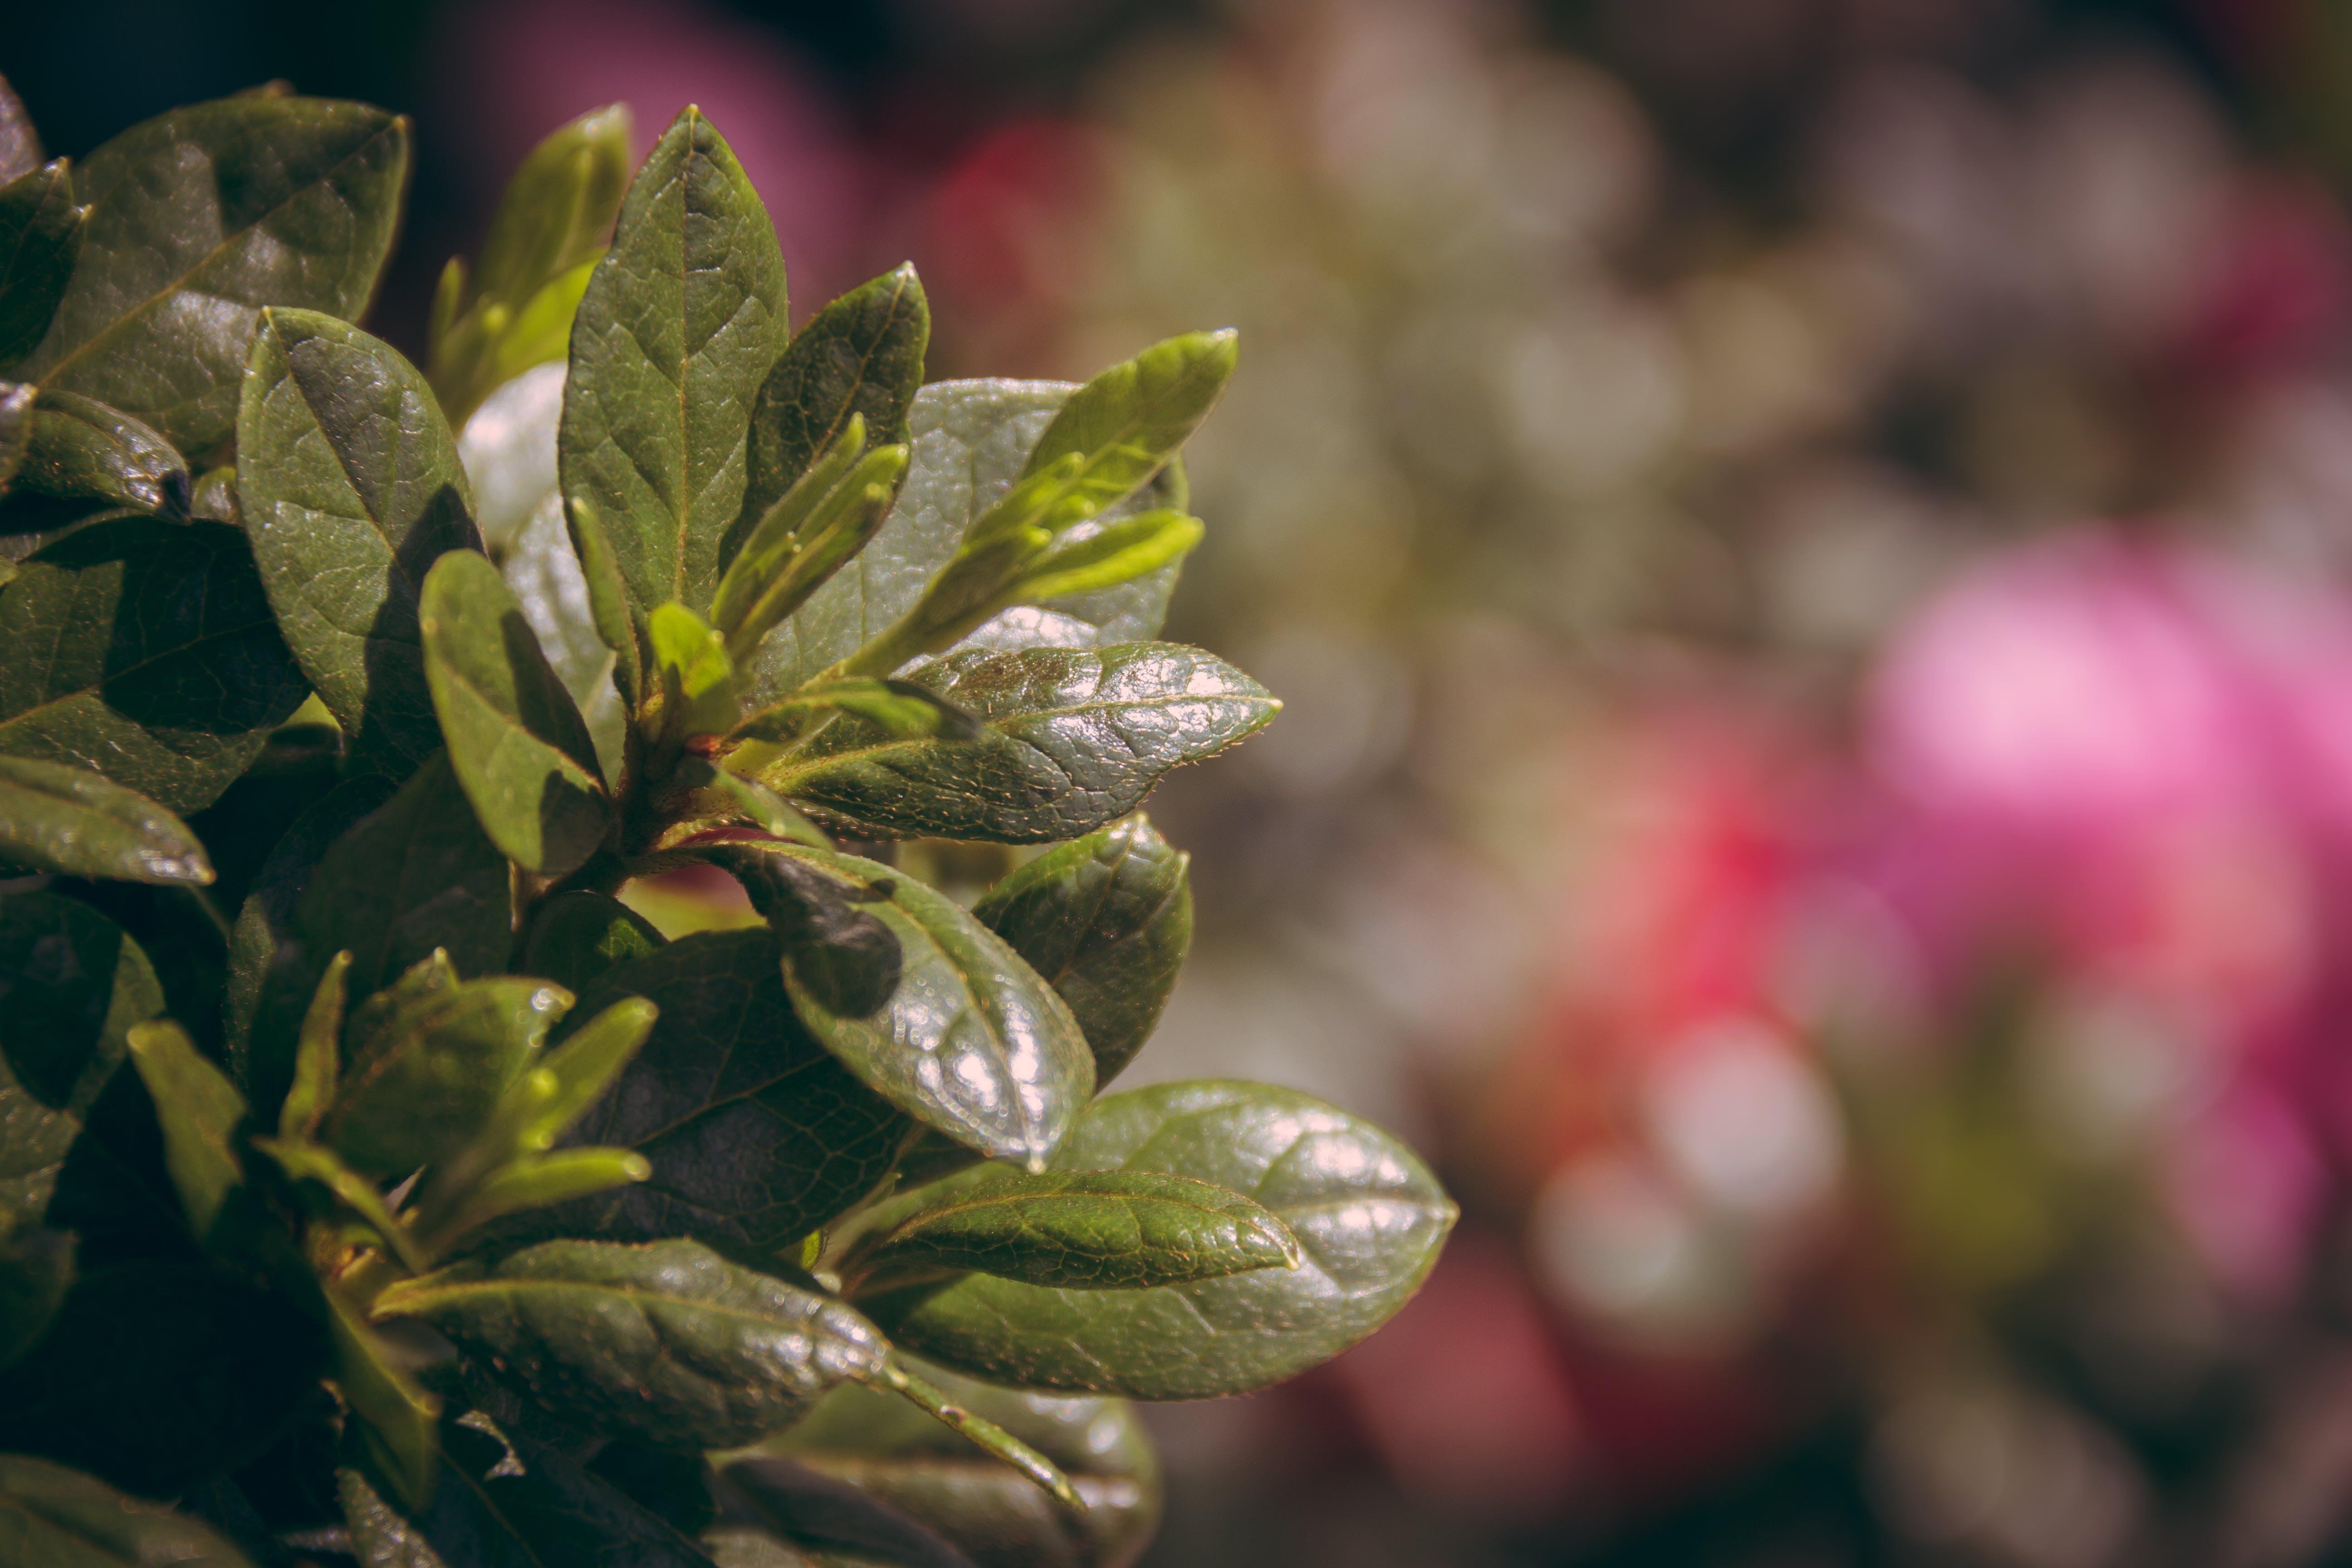 Kostenloses Stock Foto zu flora, fokus, garten, nahansicht